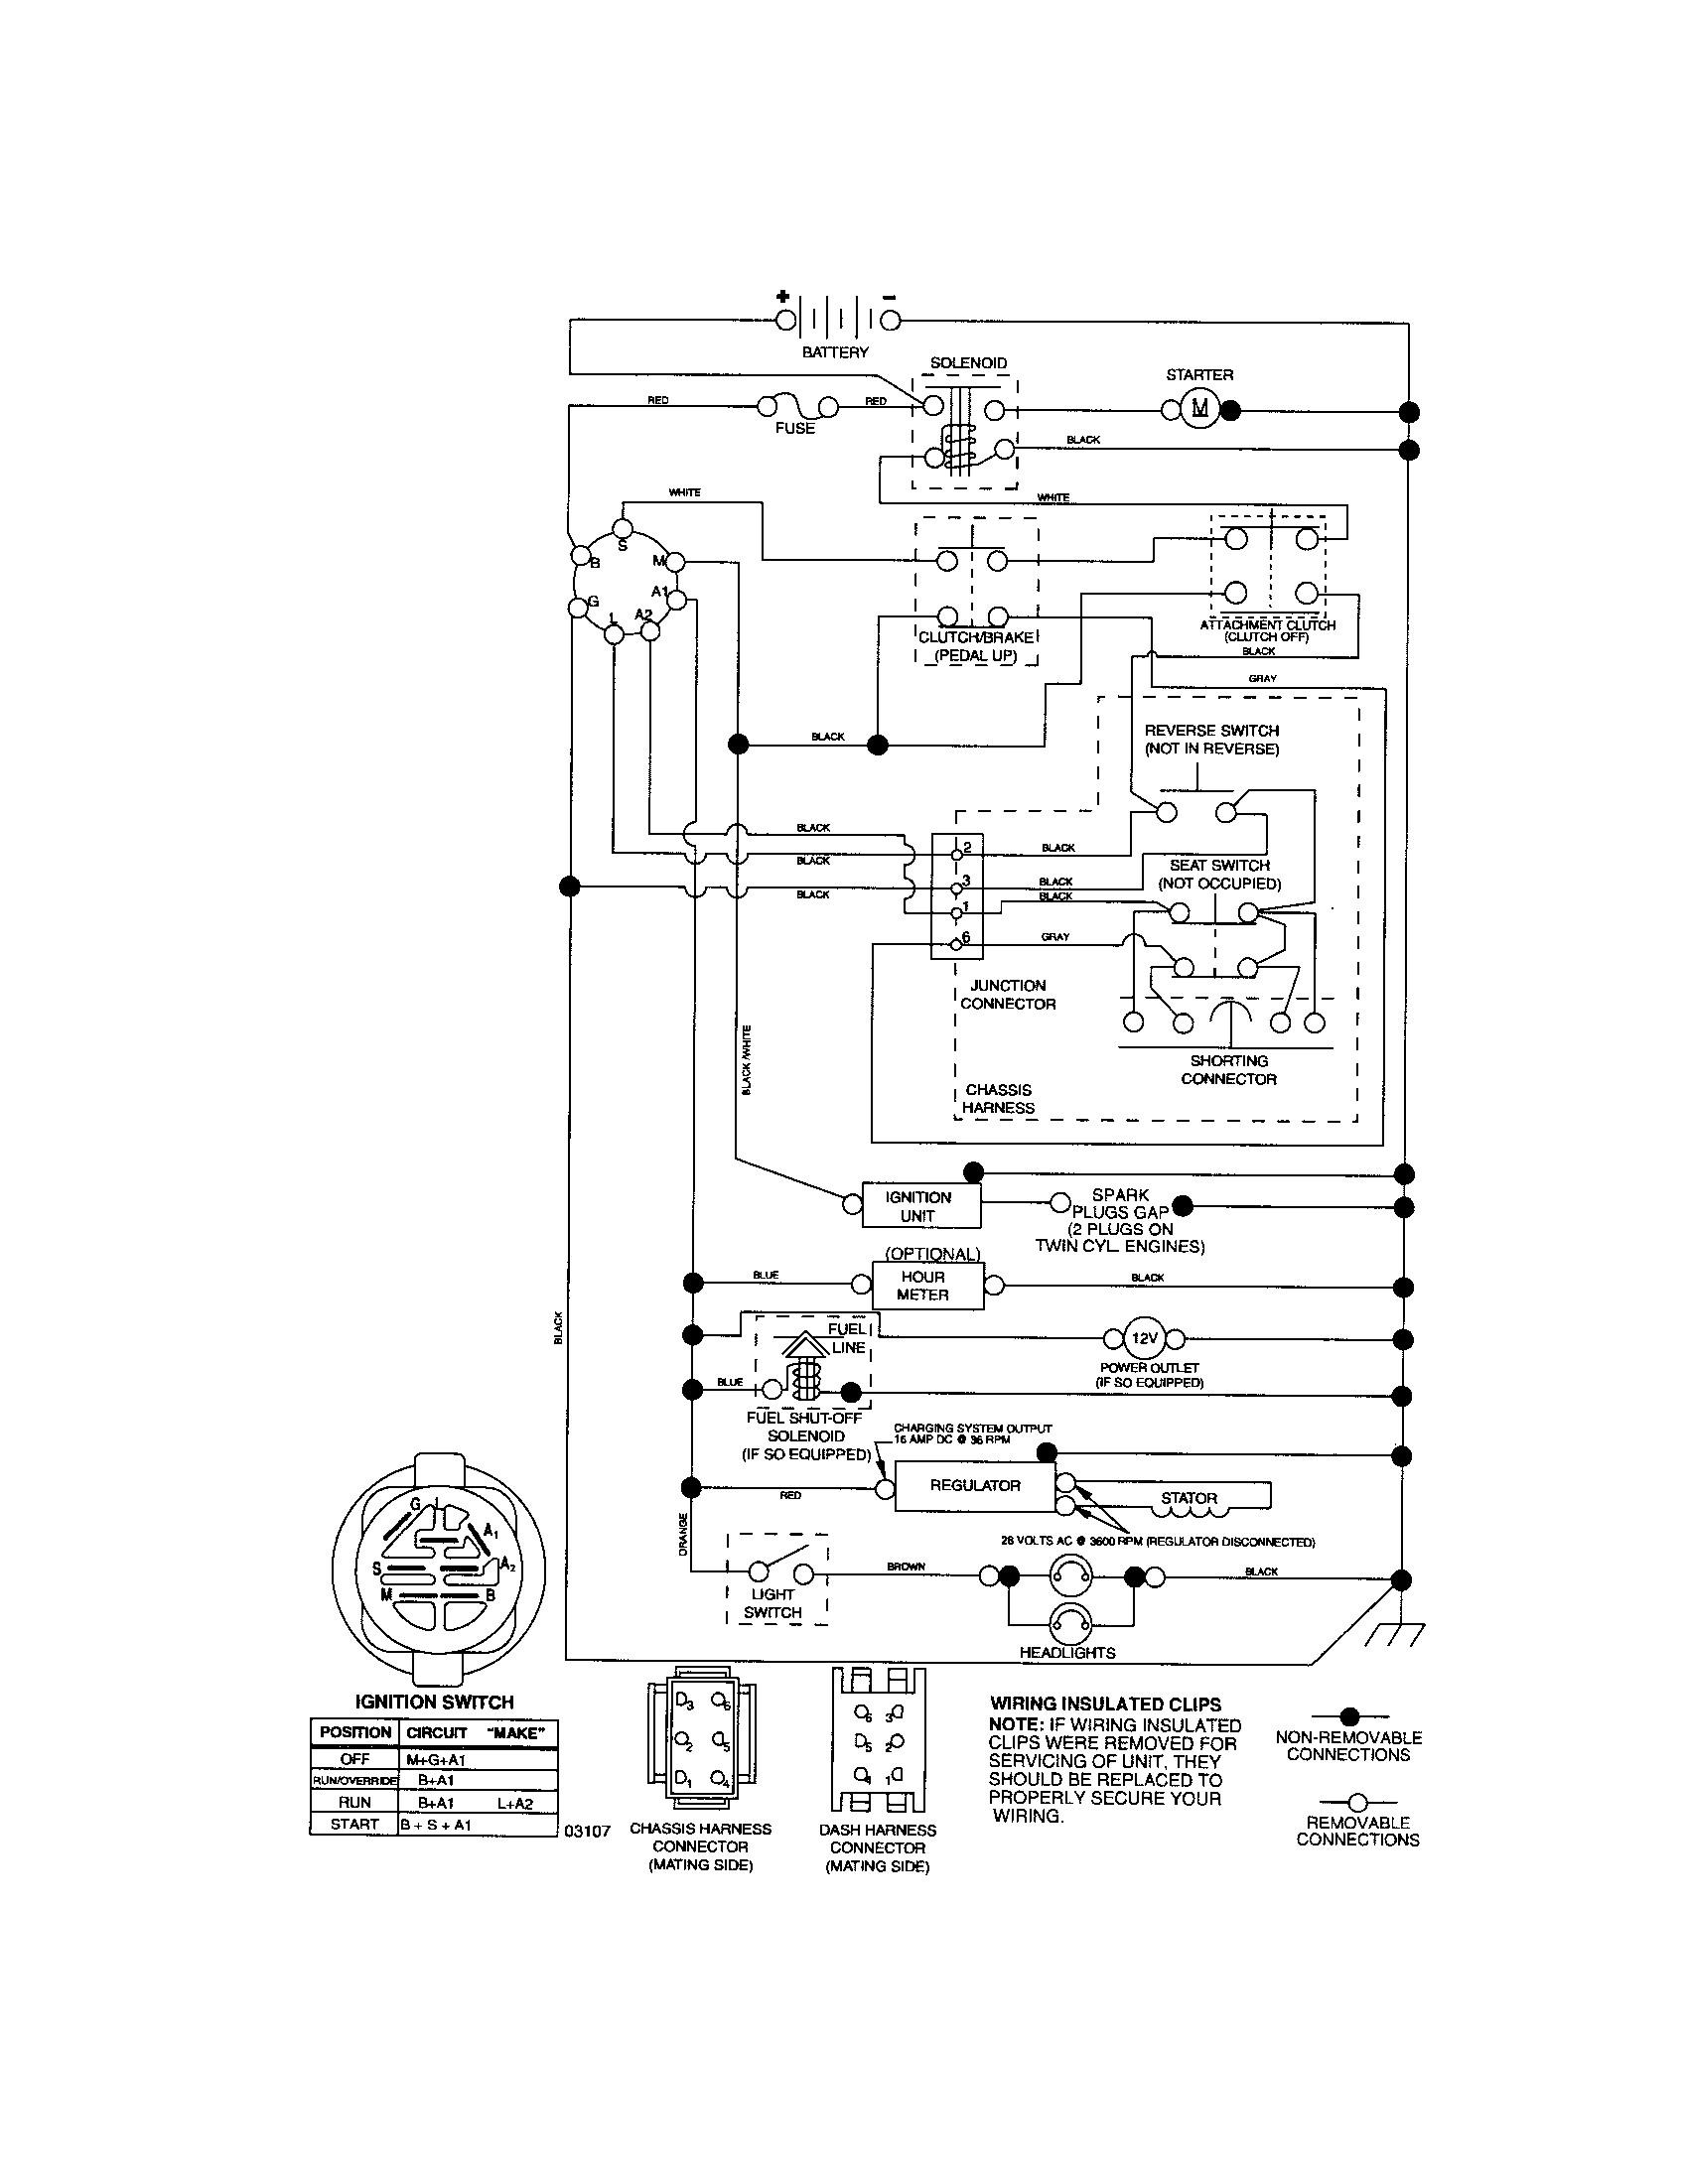 John Deere 190c Wiring Diagram | Download Wiring Diagram on john deere 190c wiring diagram, john deere 190c parts diagram, john deere 190c wiring chart,